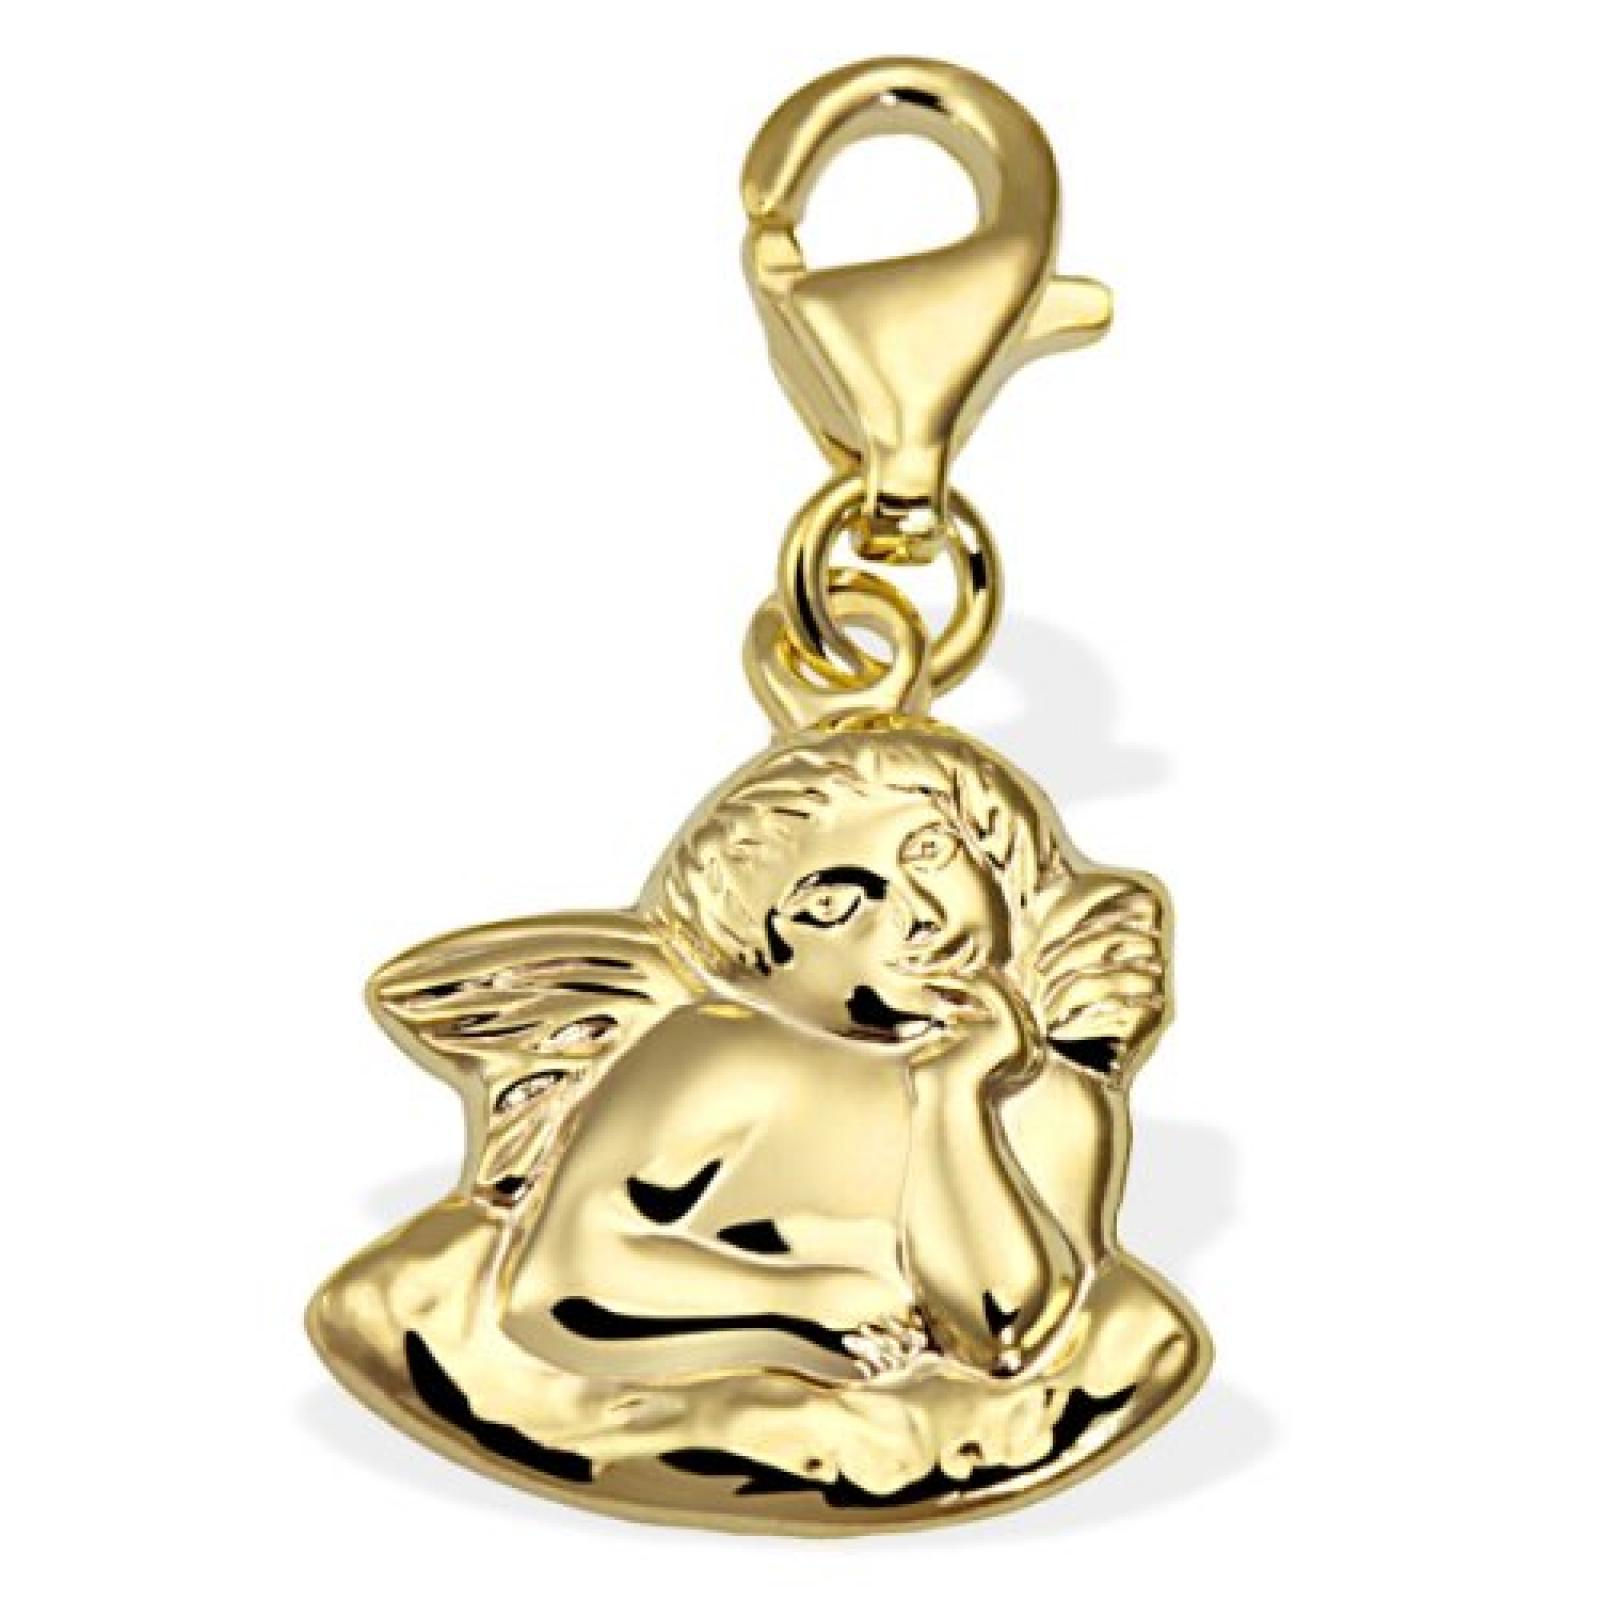 Goldmaid Damen-Charm Engel 333 Gelbgold Gh A4427GG